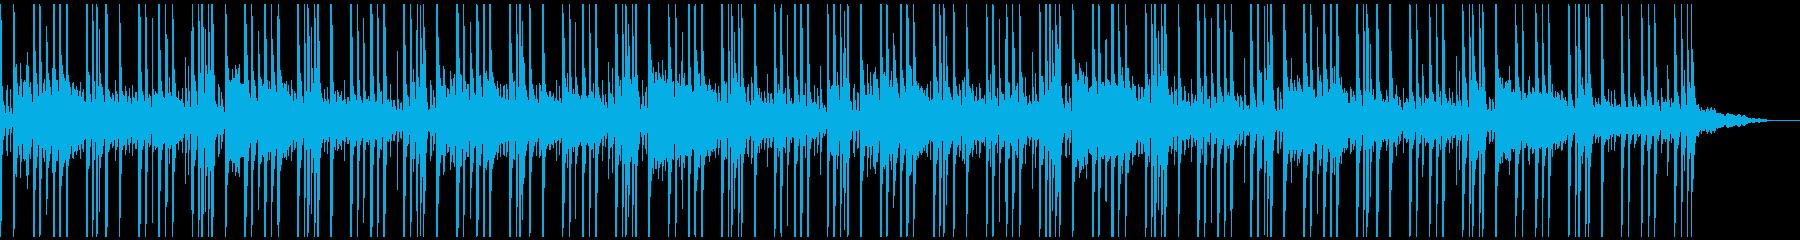 夜をイメージした浮遊感のあるループ曲ですの再生済みの波形